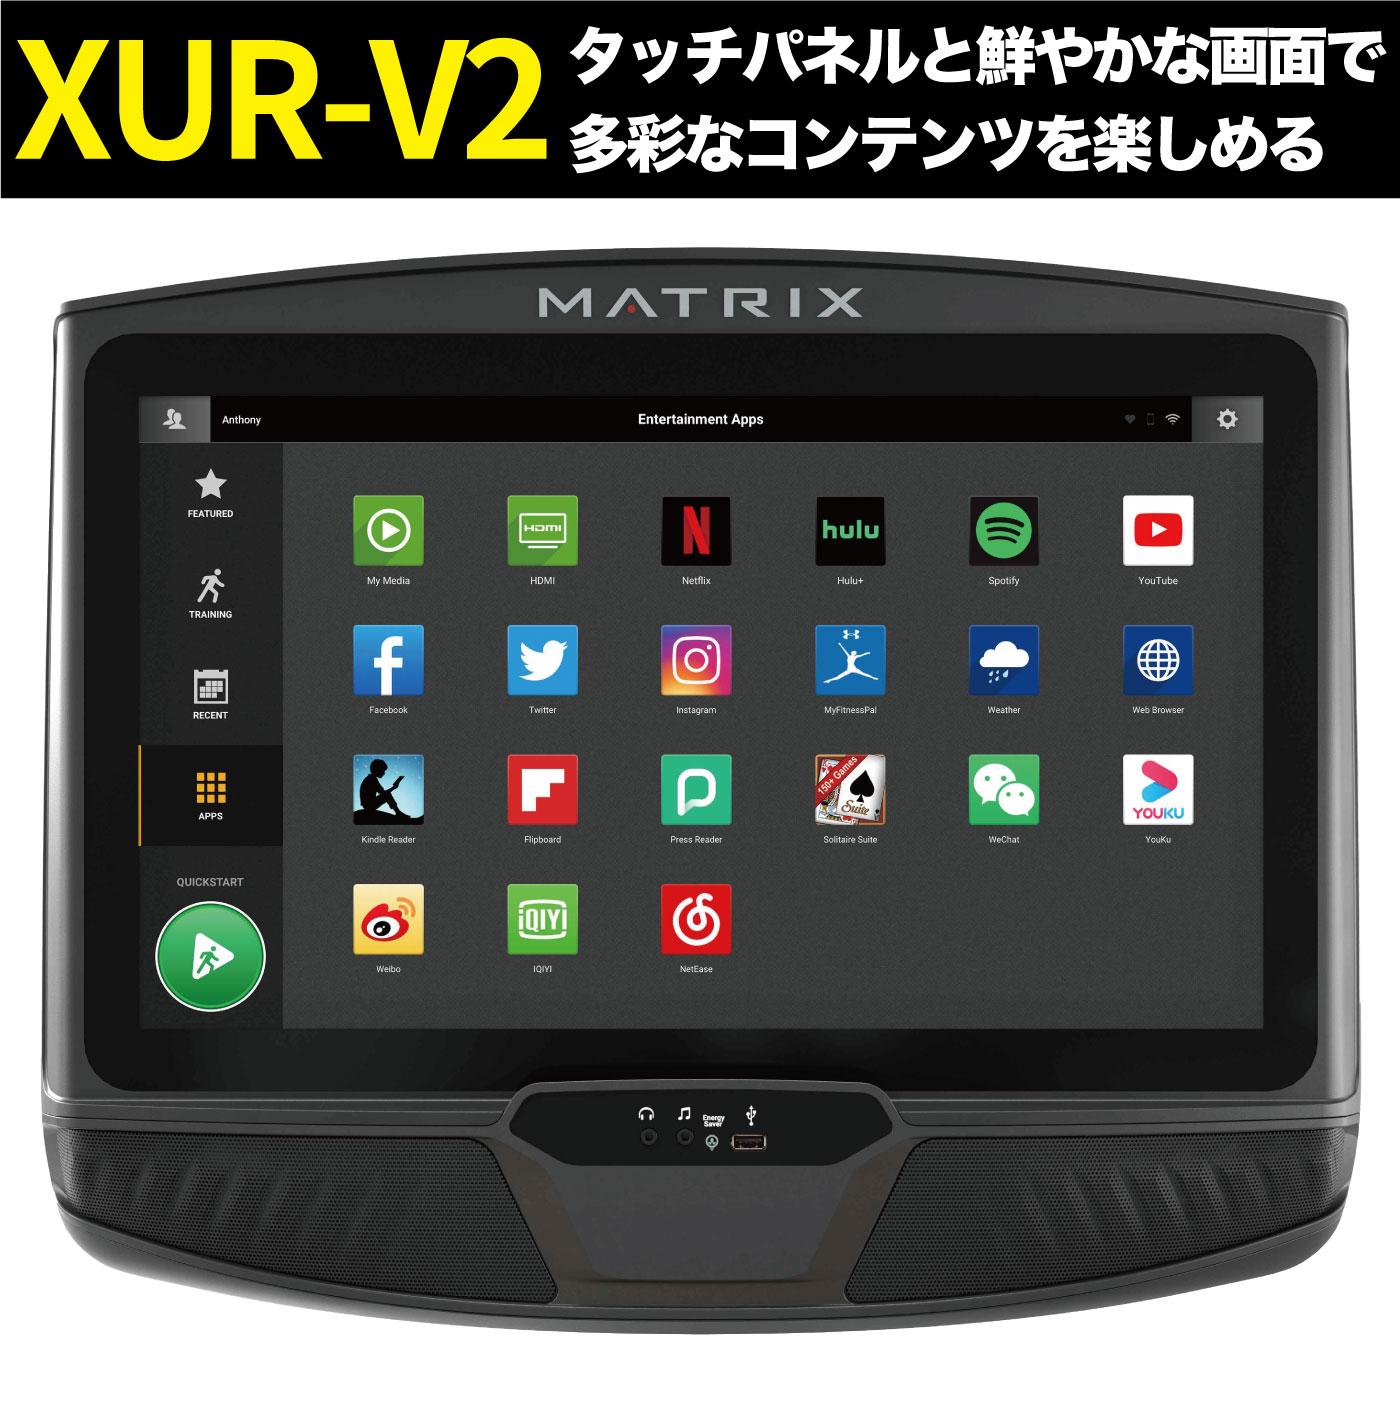 XUR-V2コンソール